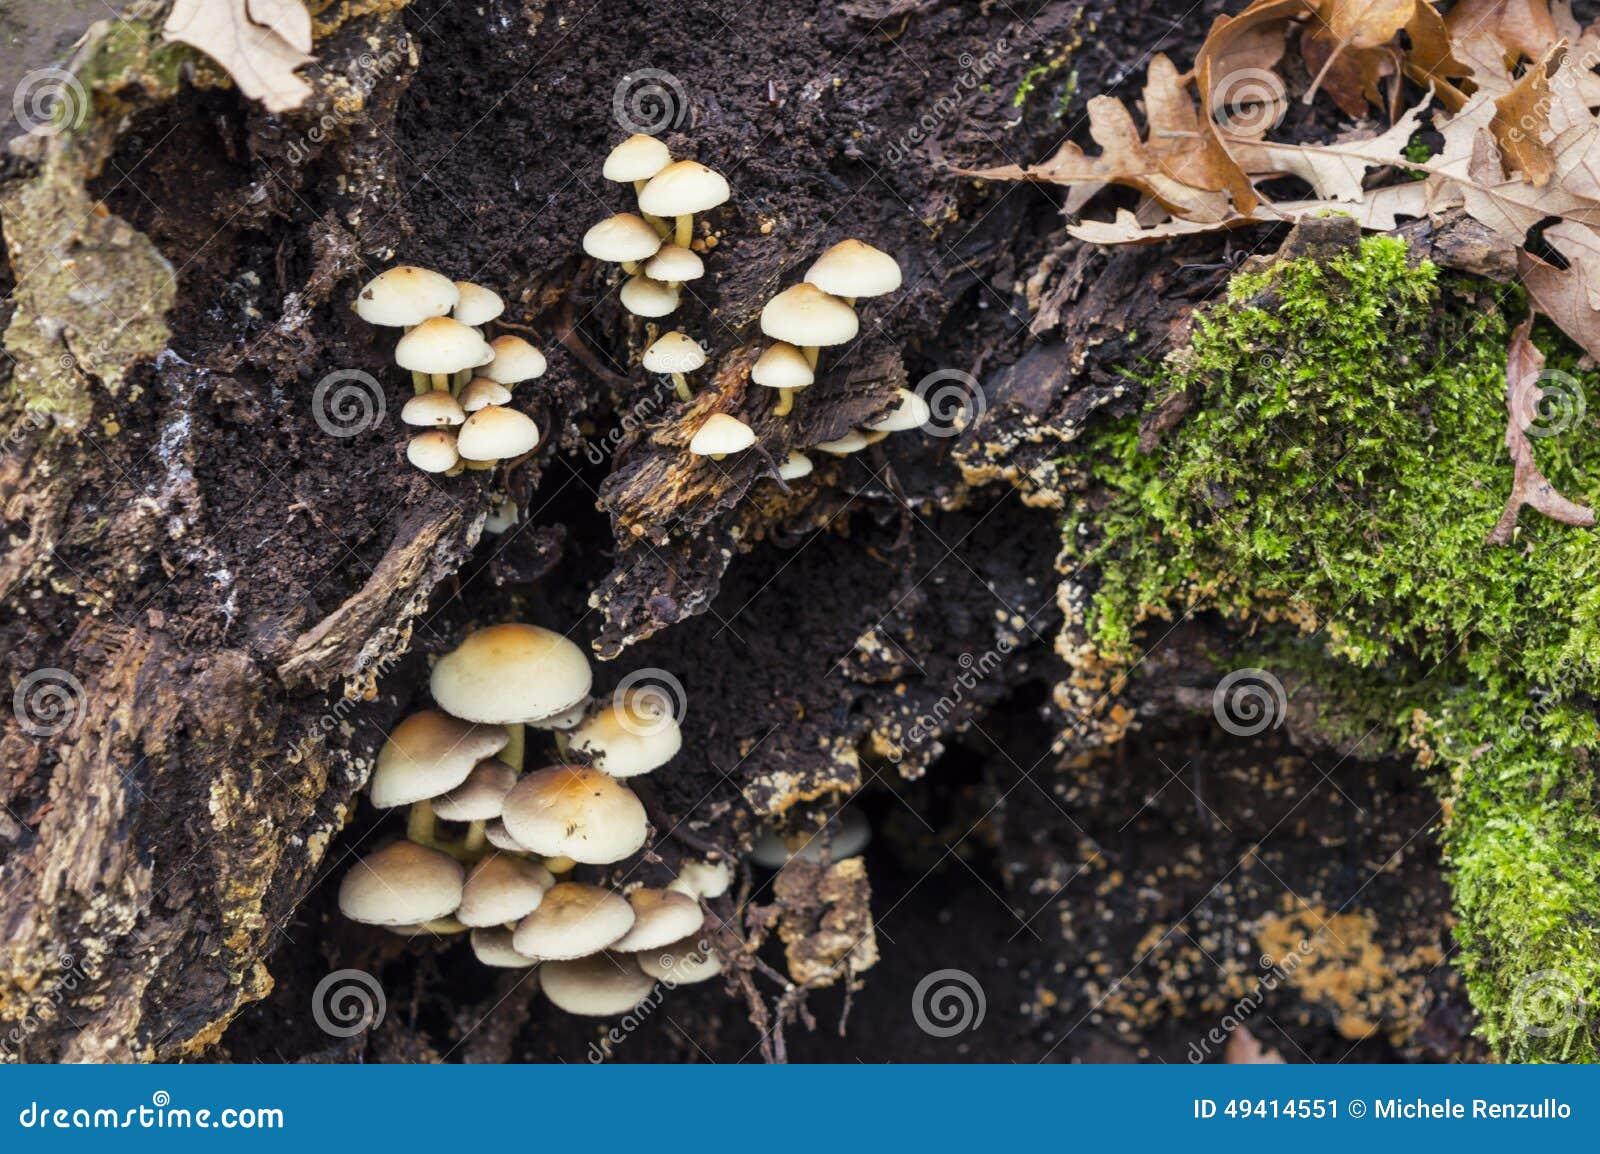 Download Funghi stockbild. Bild von pilz, frisch, makro, betrieb - 49414551